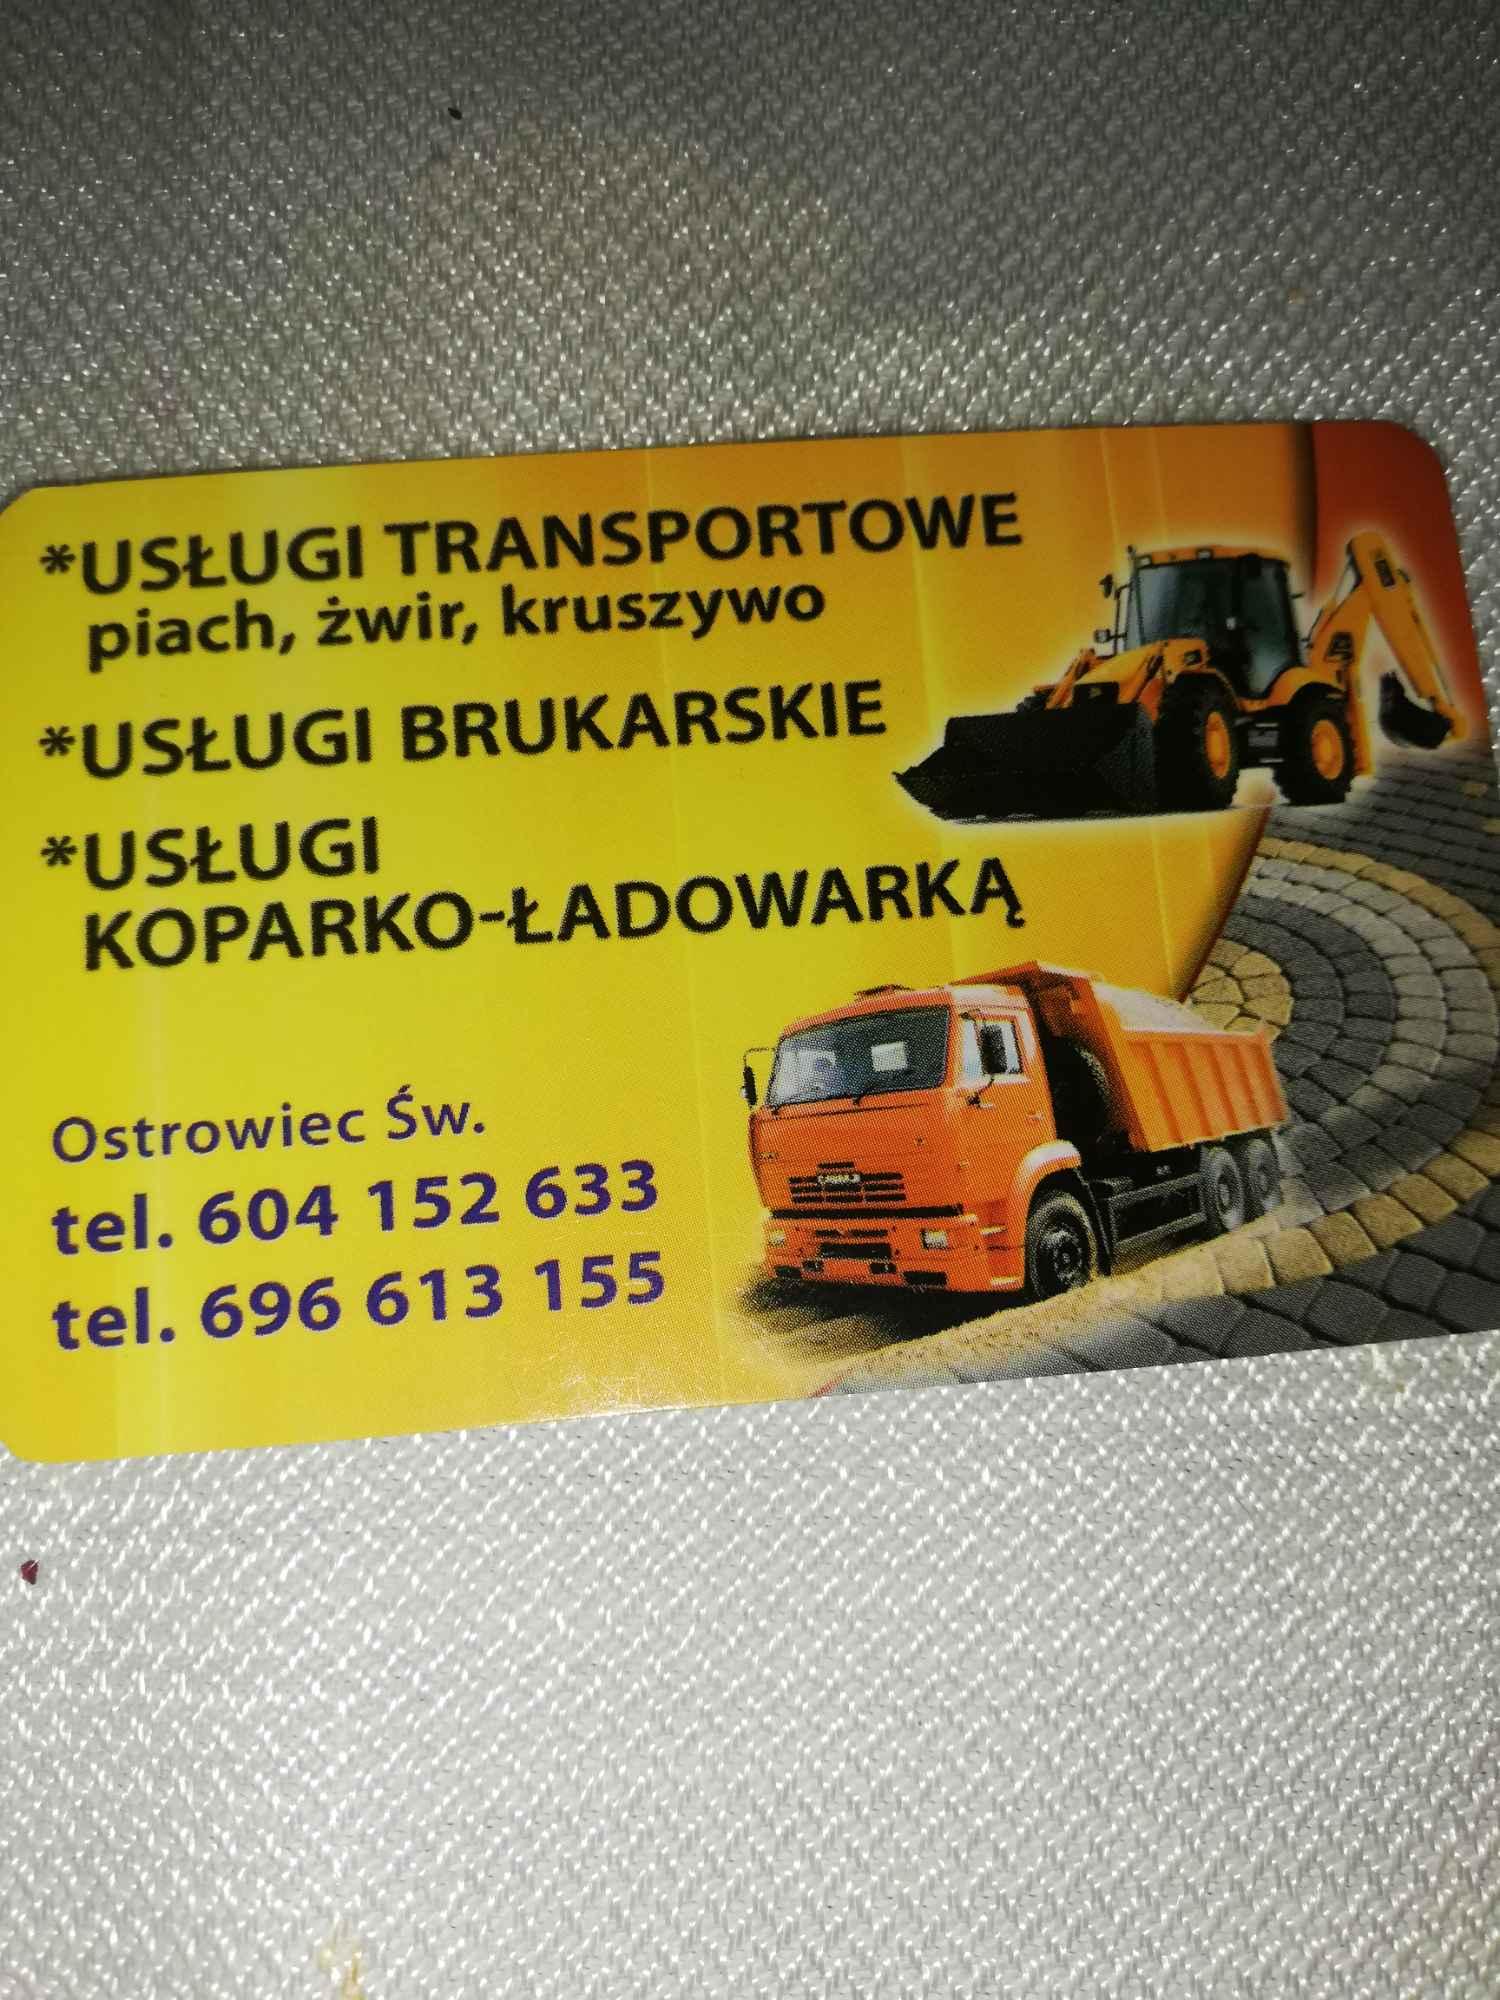 Usługi koparką i transport Ostrowiec Świętokrzyski - zdjęcie 1